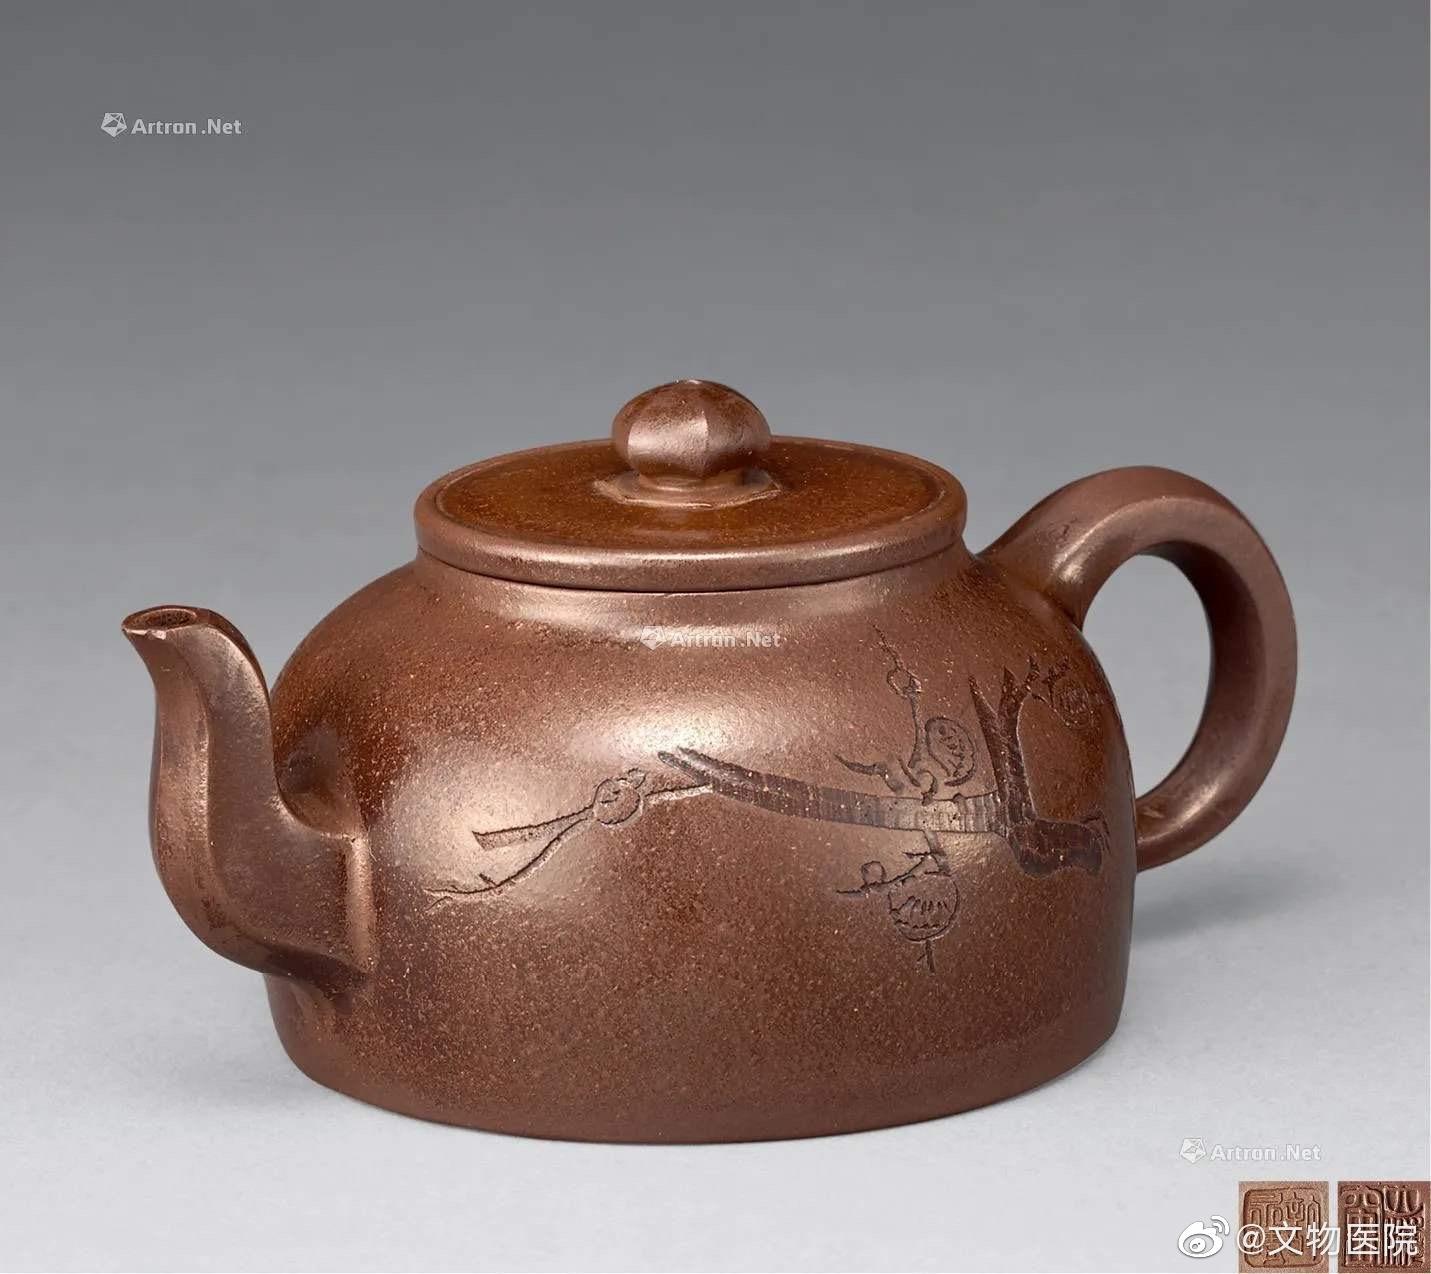 中国紫砂壶艺术大师、紫砂陶艺家、收藏家、非遗传承人许四海